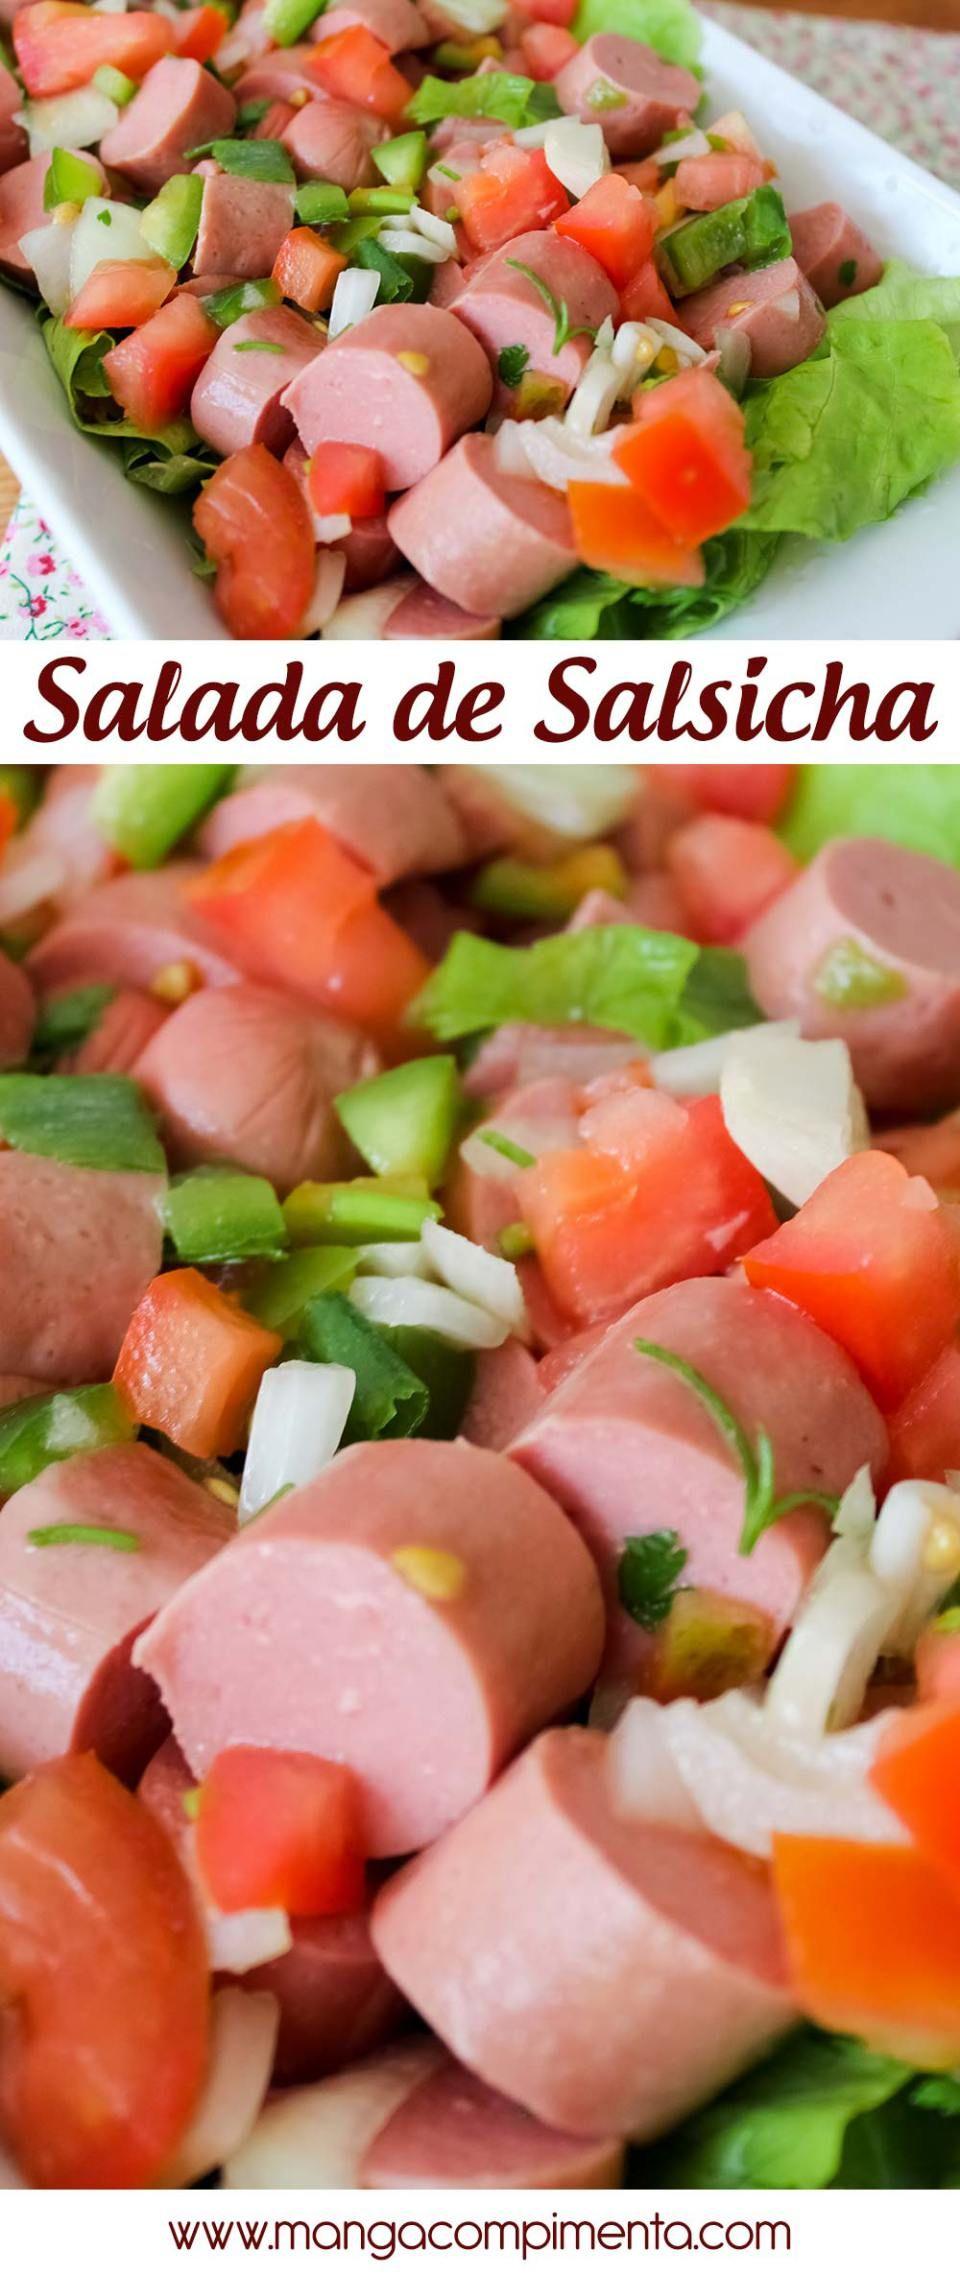 Salada de Salsicha - receita versátil para petiscar ou para por no meio do pão! #copadomundo  #receita #salsicha